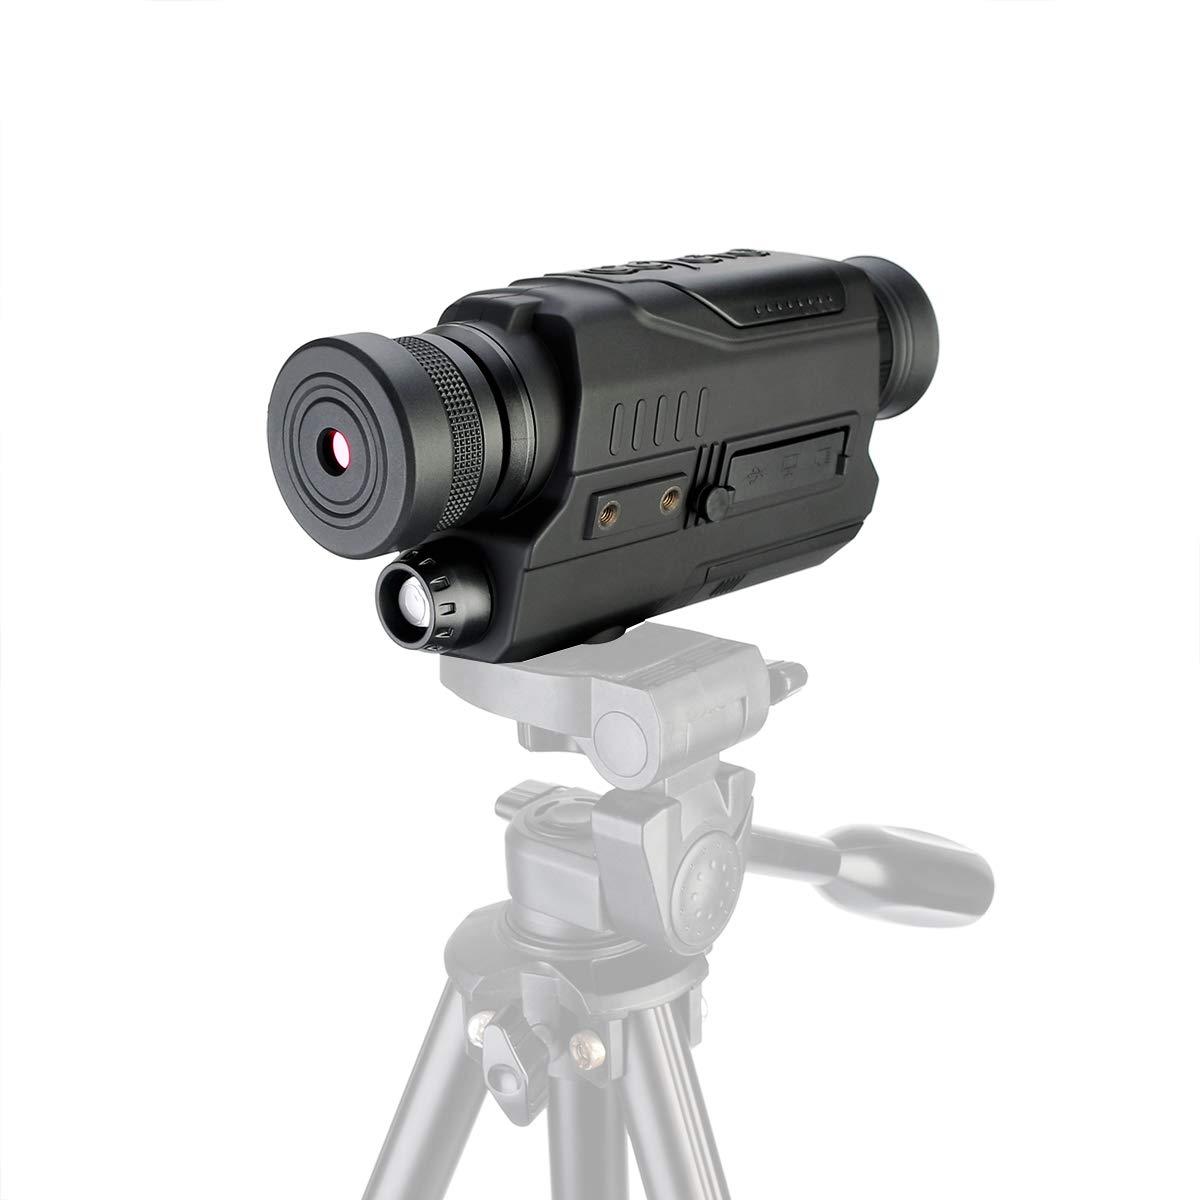 Svbony SV52 Monocular de Visi/ón Nocturna Digital 5X32 HD Funci/ón de Reproducci/ón de Video por Infrarrojos IR Pantalla LCD de 1,5 Pulgadas Tarjeta de 8GB TF Monocular para Caza